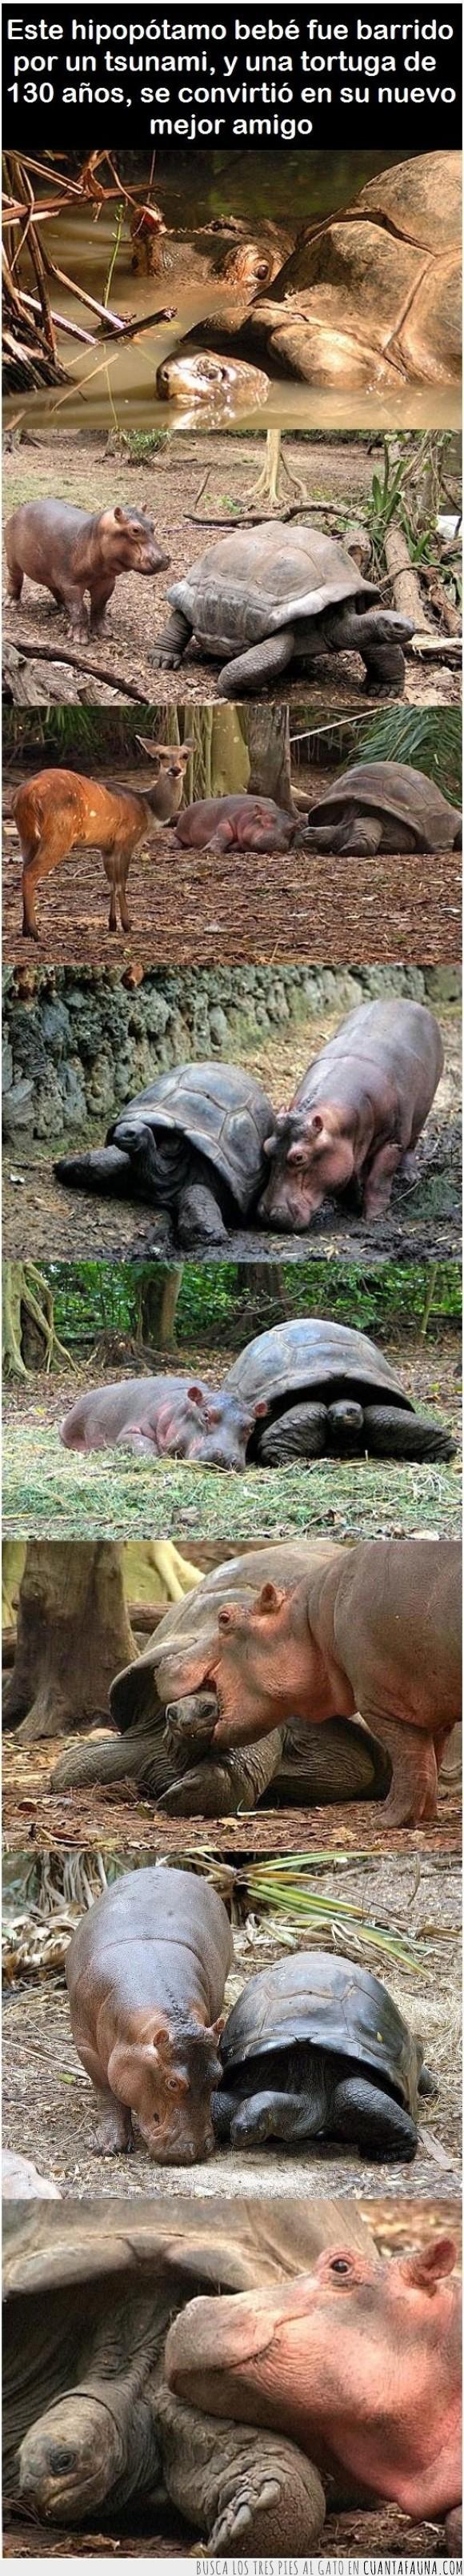 amigos,amistad,animales,ayudar,hipopótamo,salvar,tortuga,tsunami